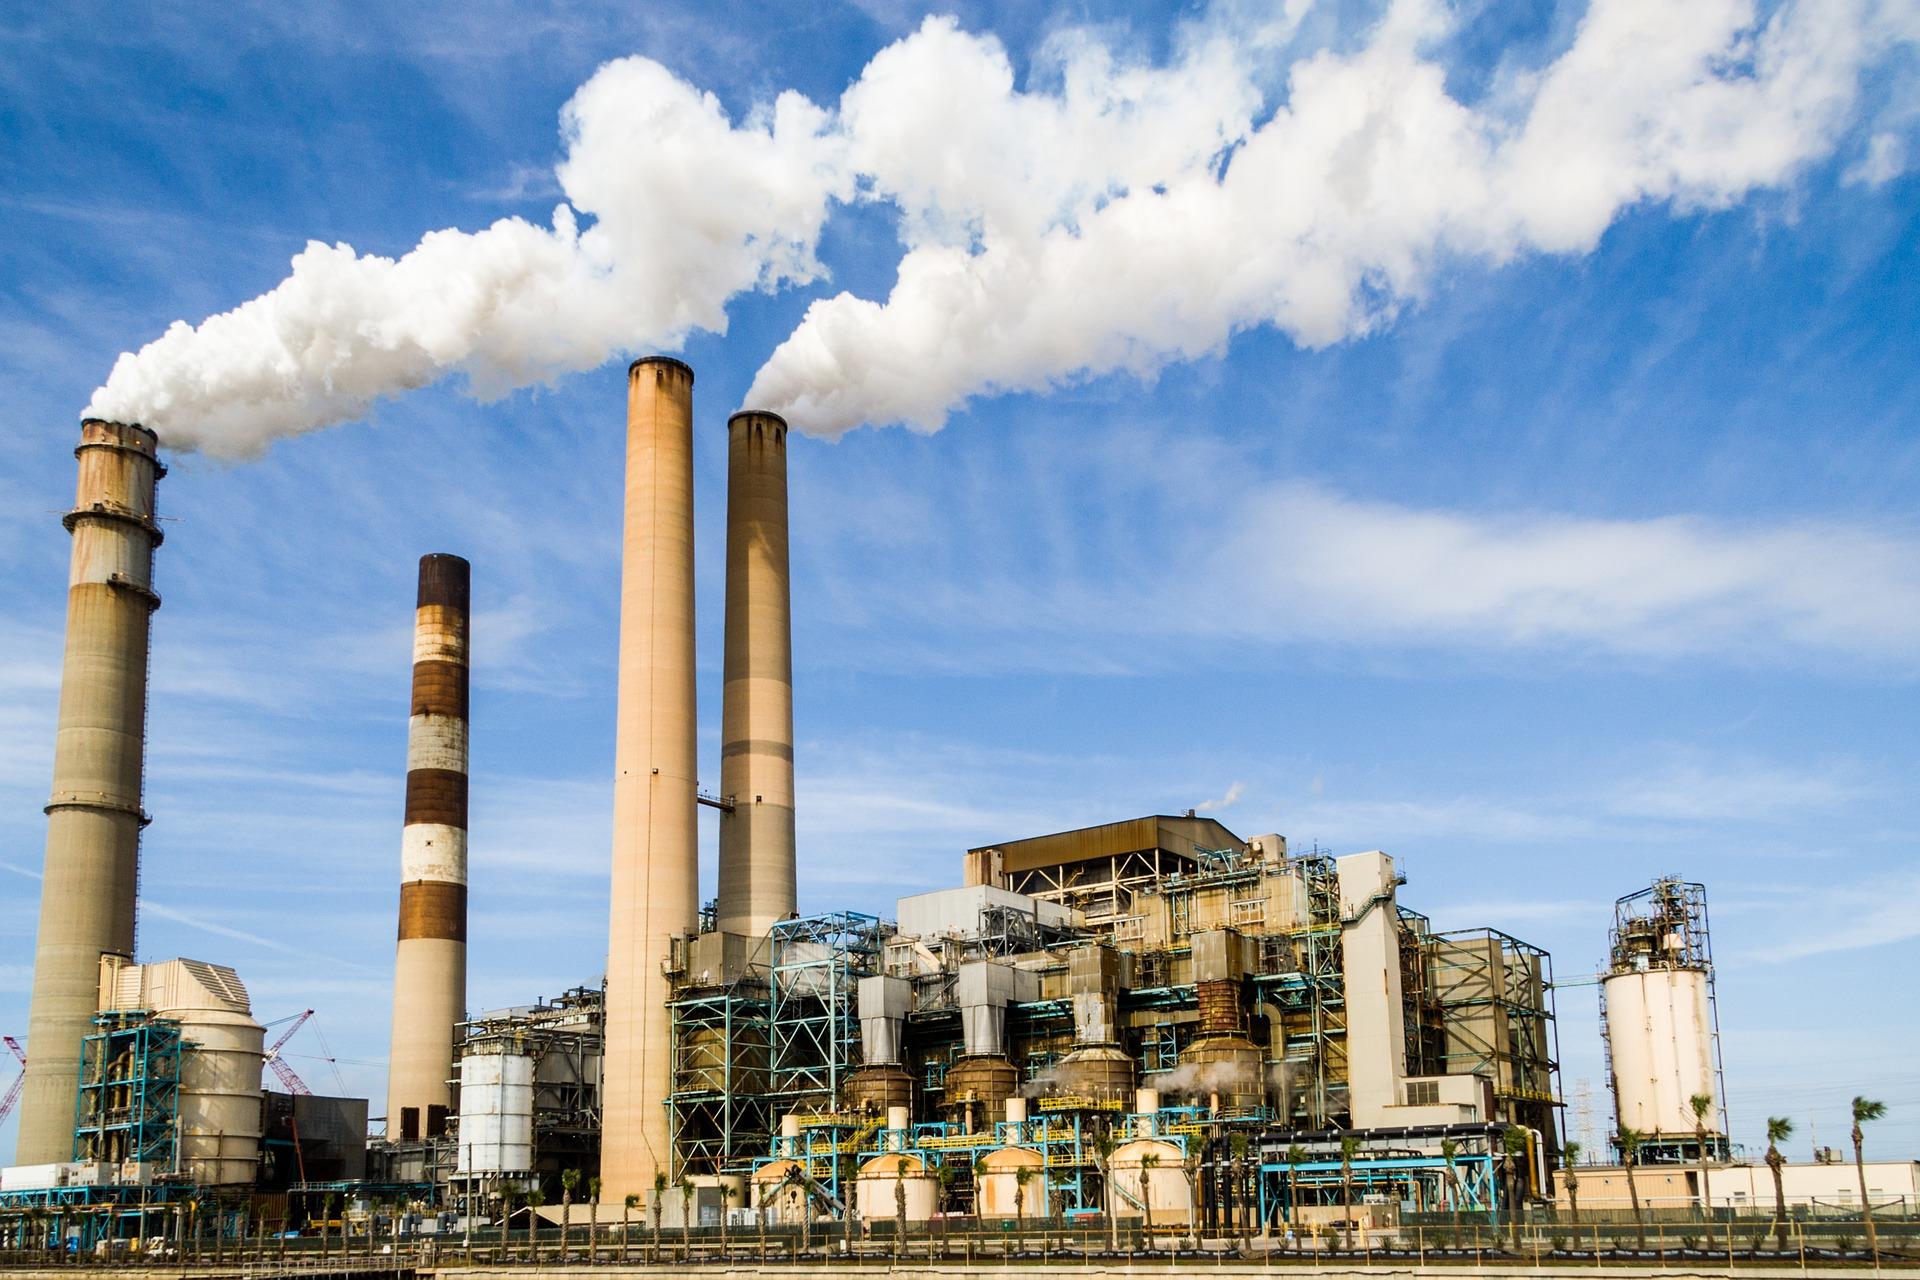 Industrie- und Prozesstechnik